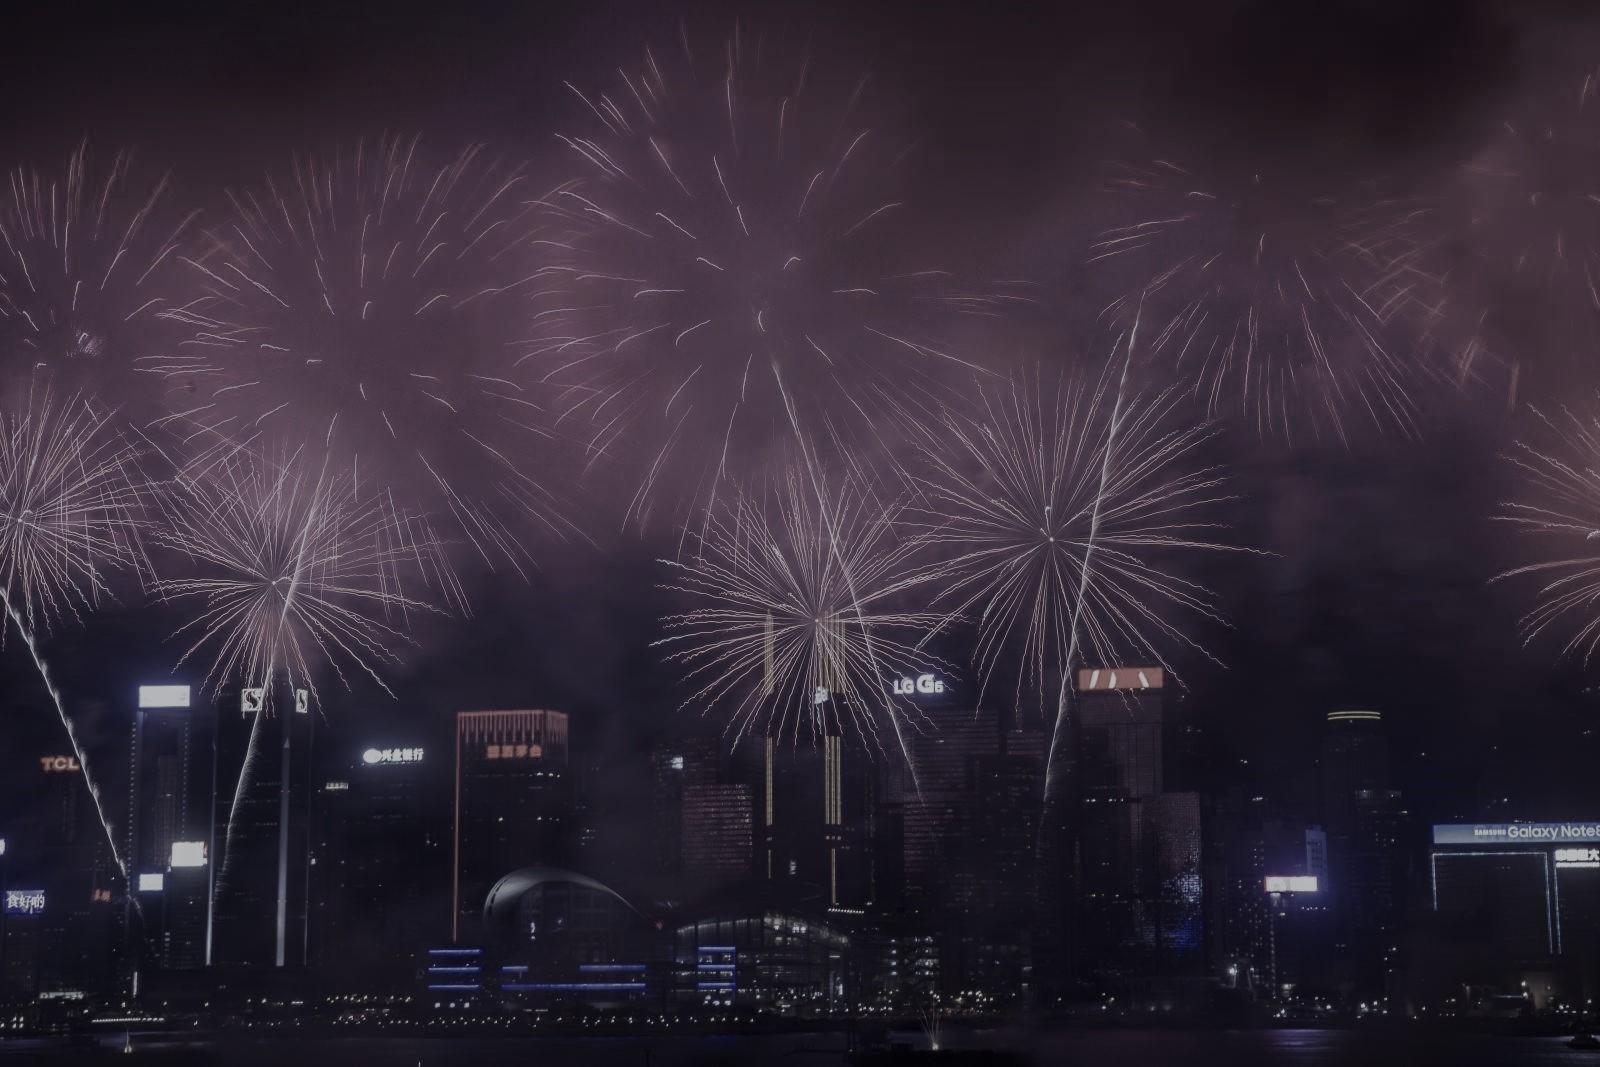 ฮ่องกงโชว์พลุอลังการฉลองวันชาติจีน